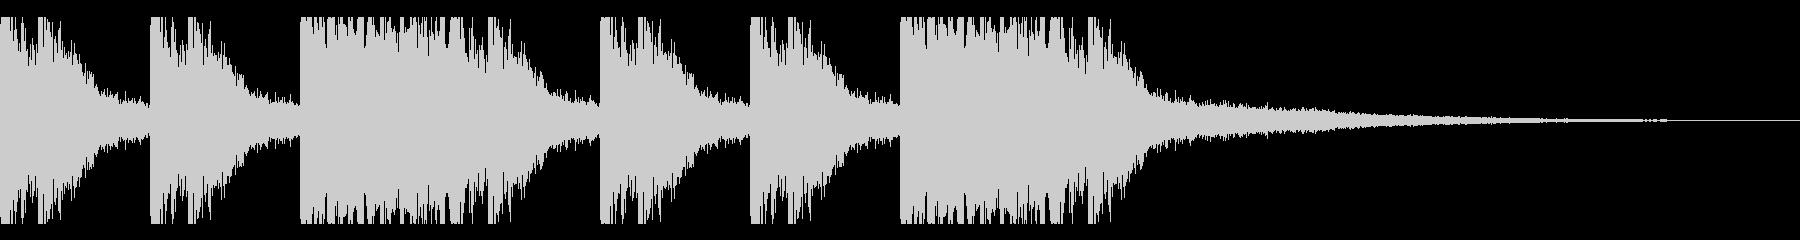 太鼓2 スネアロール ジングル 繰り返しの未再生の波形